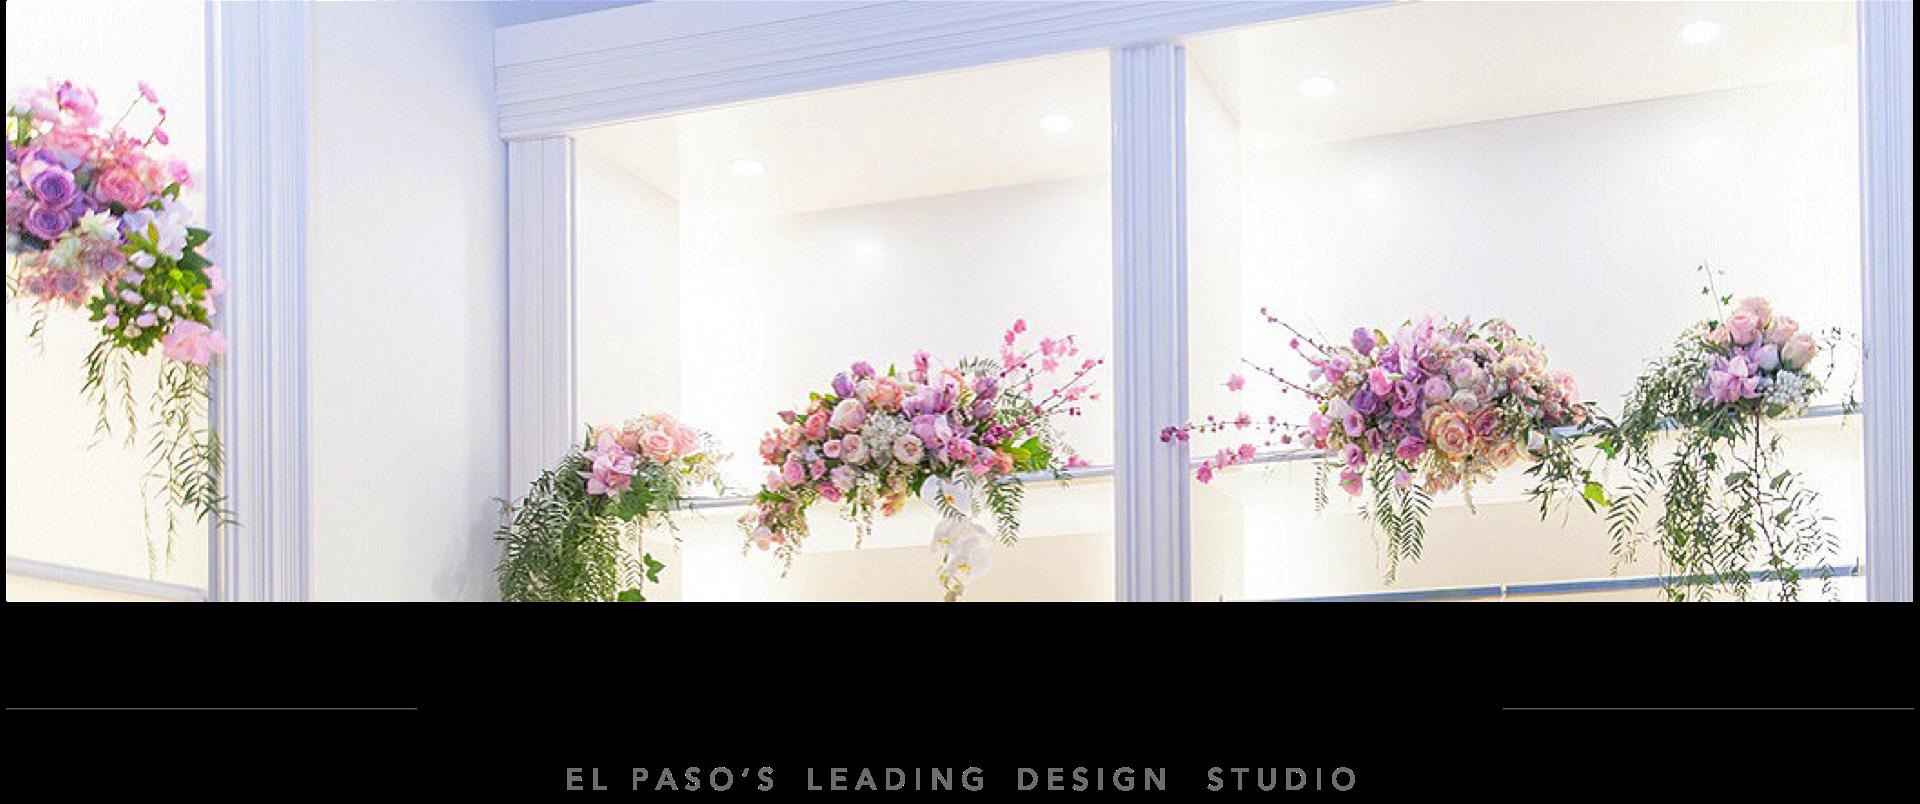 more-than-a-store-angies-floral-designs-el-paso-flowershop-el-paso-florist-79912.png